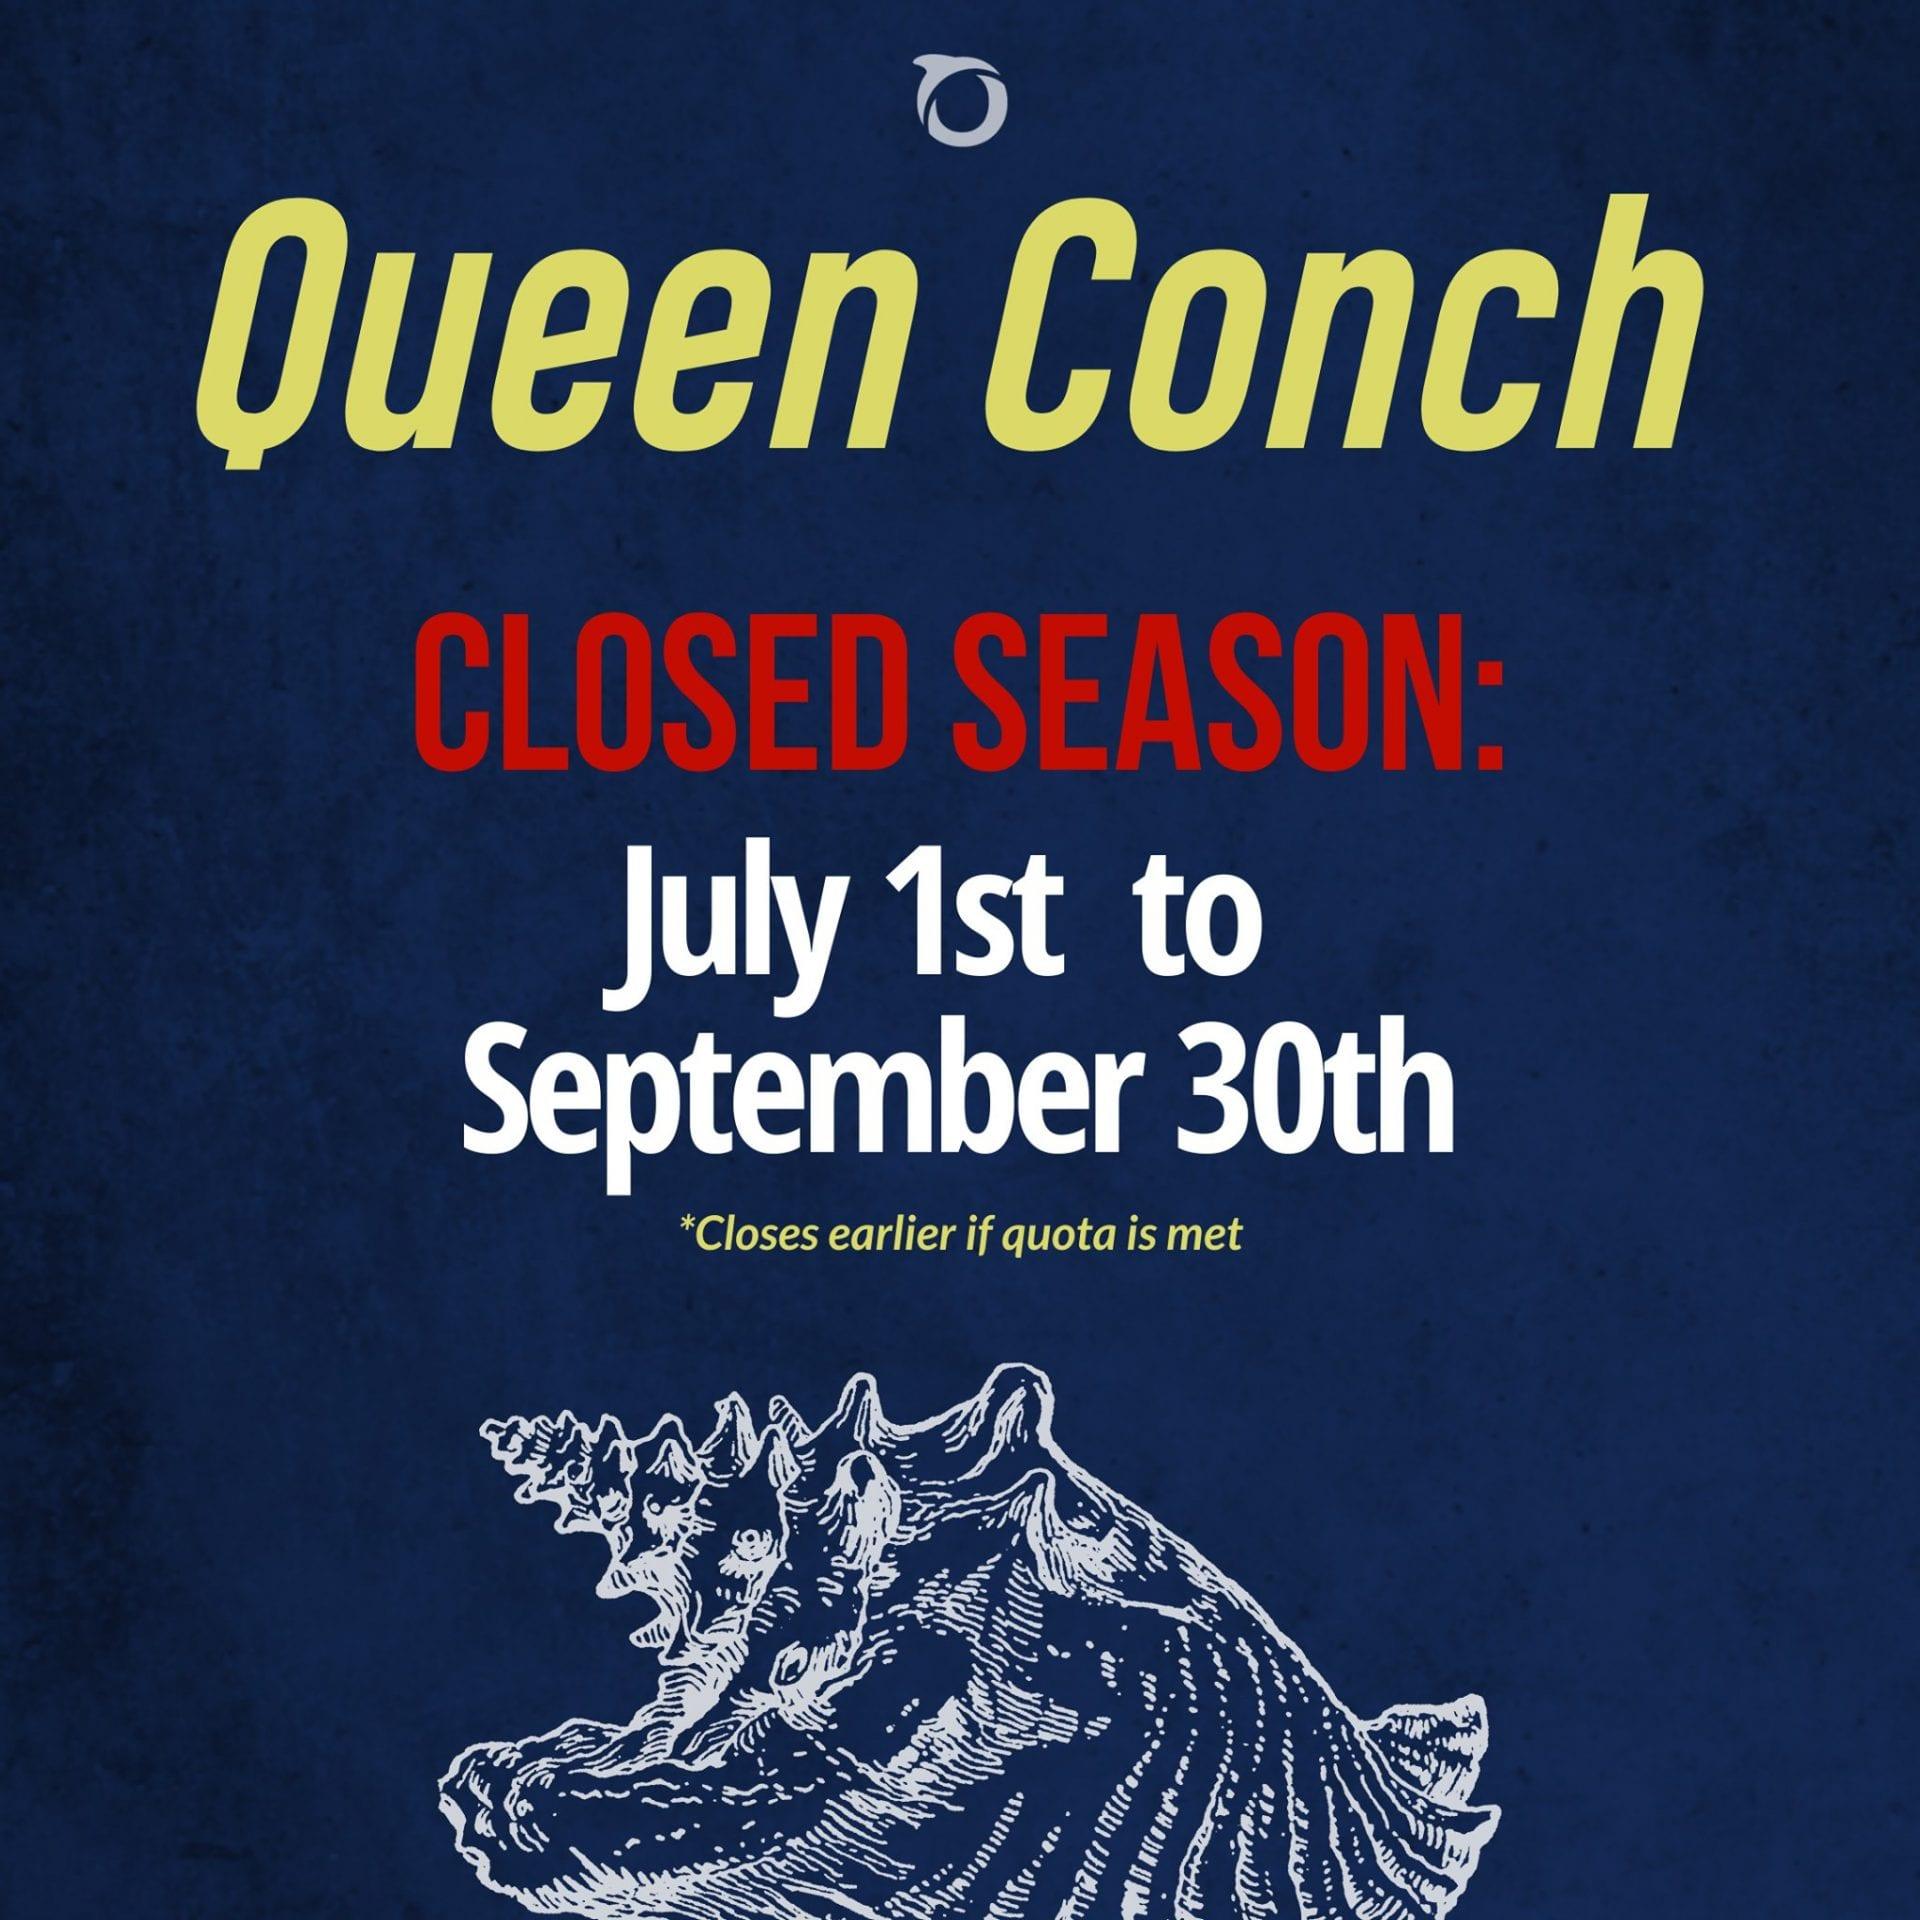 conch season quote